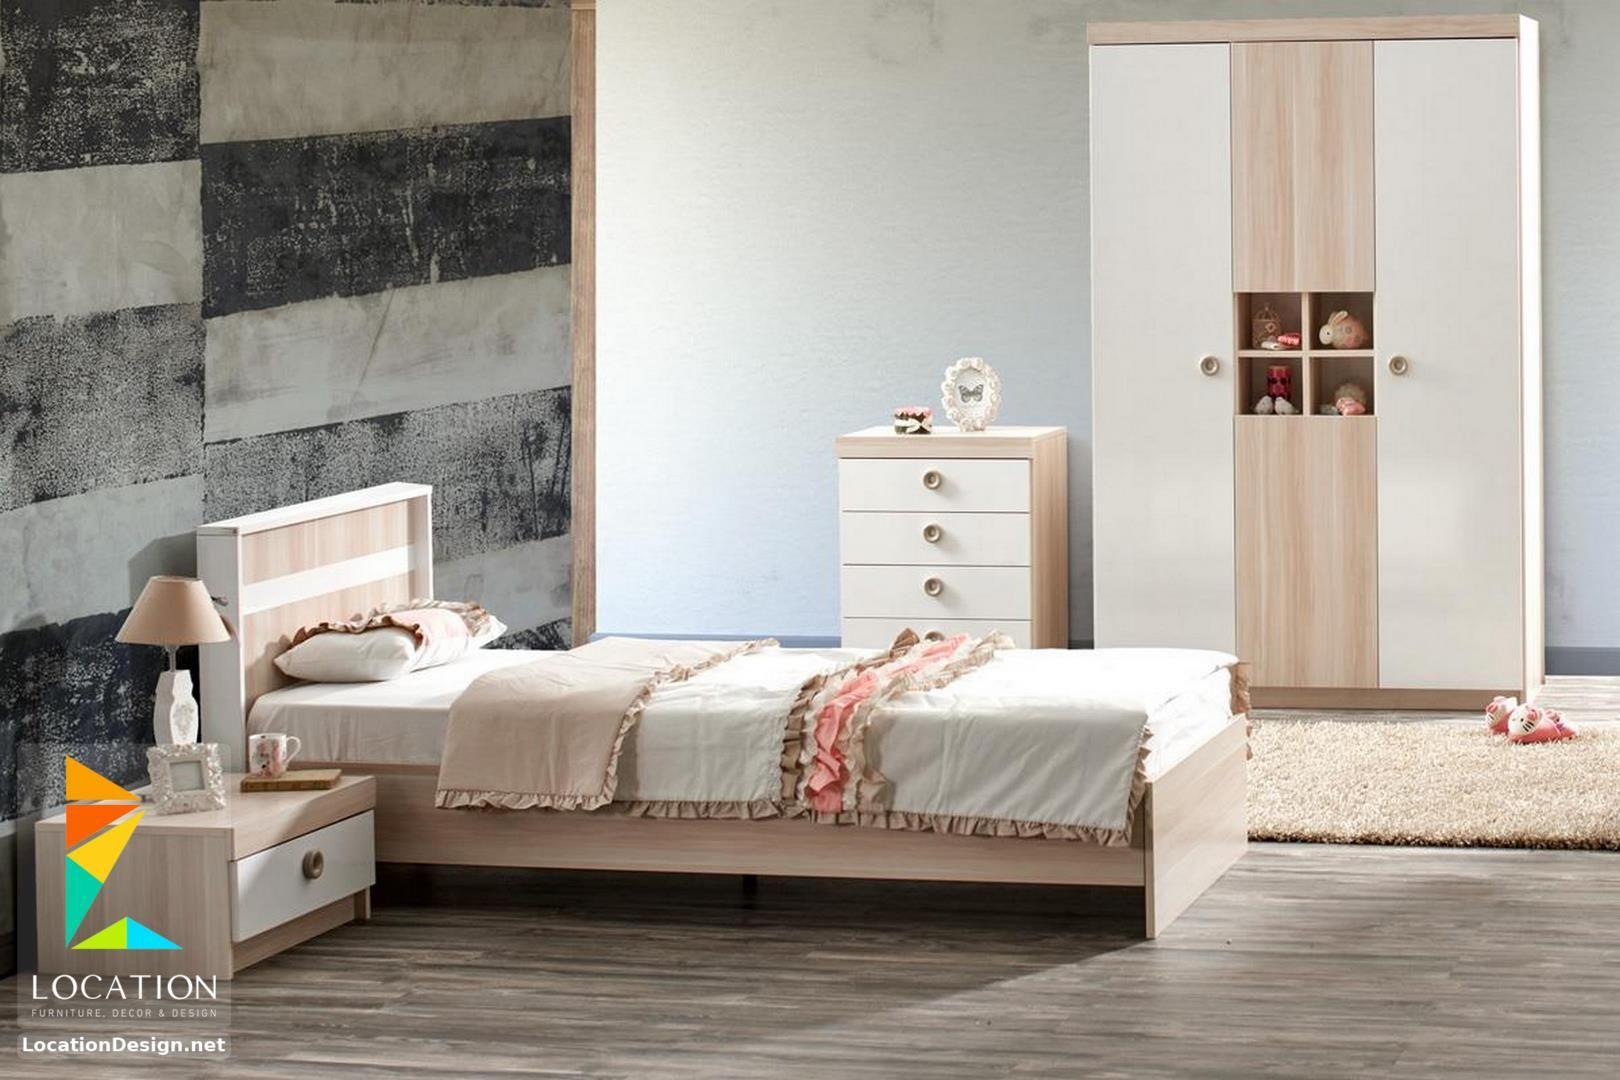 اشكال غرف اطفال وشباب كامله بتصميمات عالية الجودة Simple Bedroom Design Kids Bedroom Inspiration Bedroom False Ceiling Design